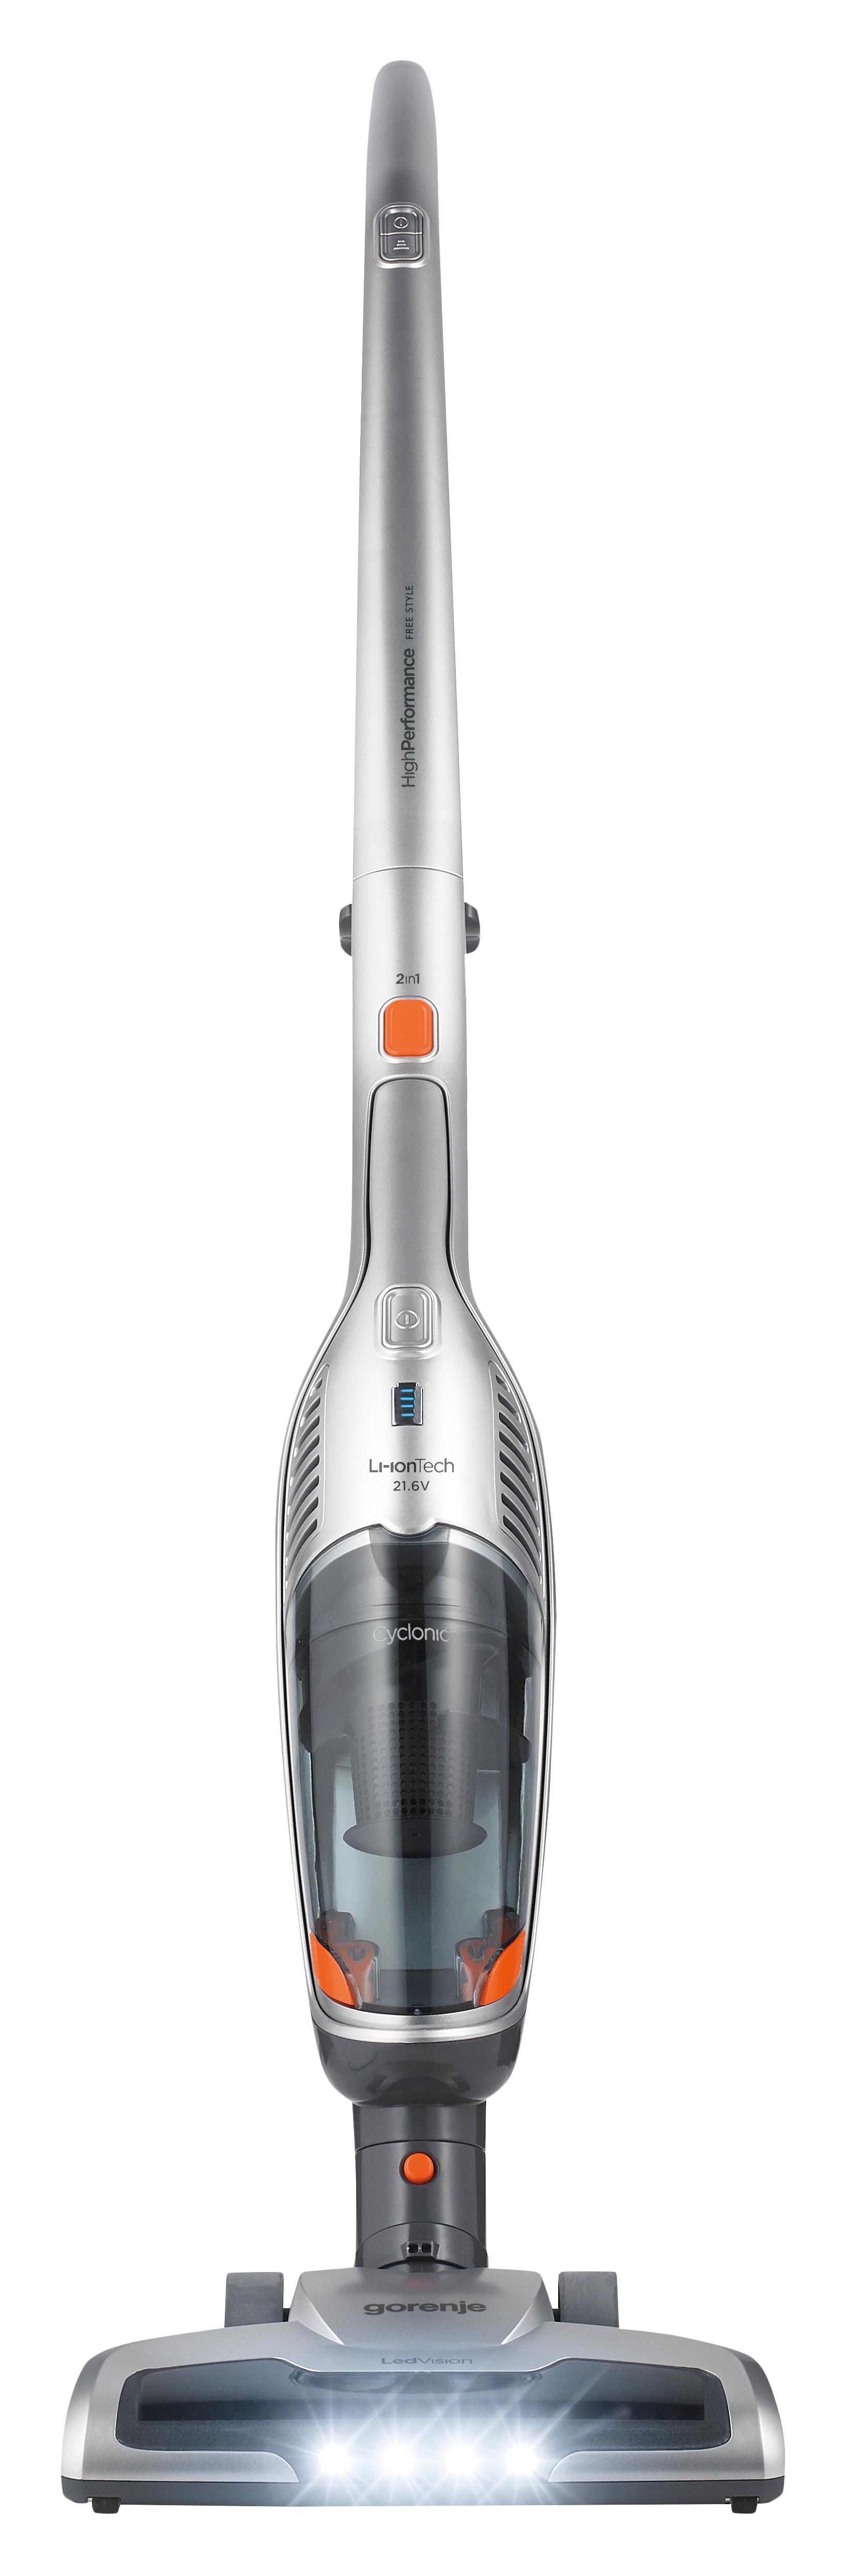 Вертикальный пылесос Gorenje  SVC216FS Silver